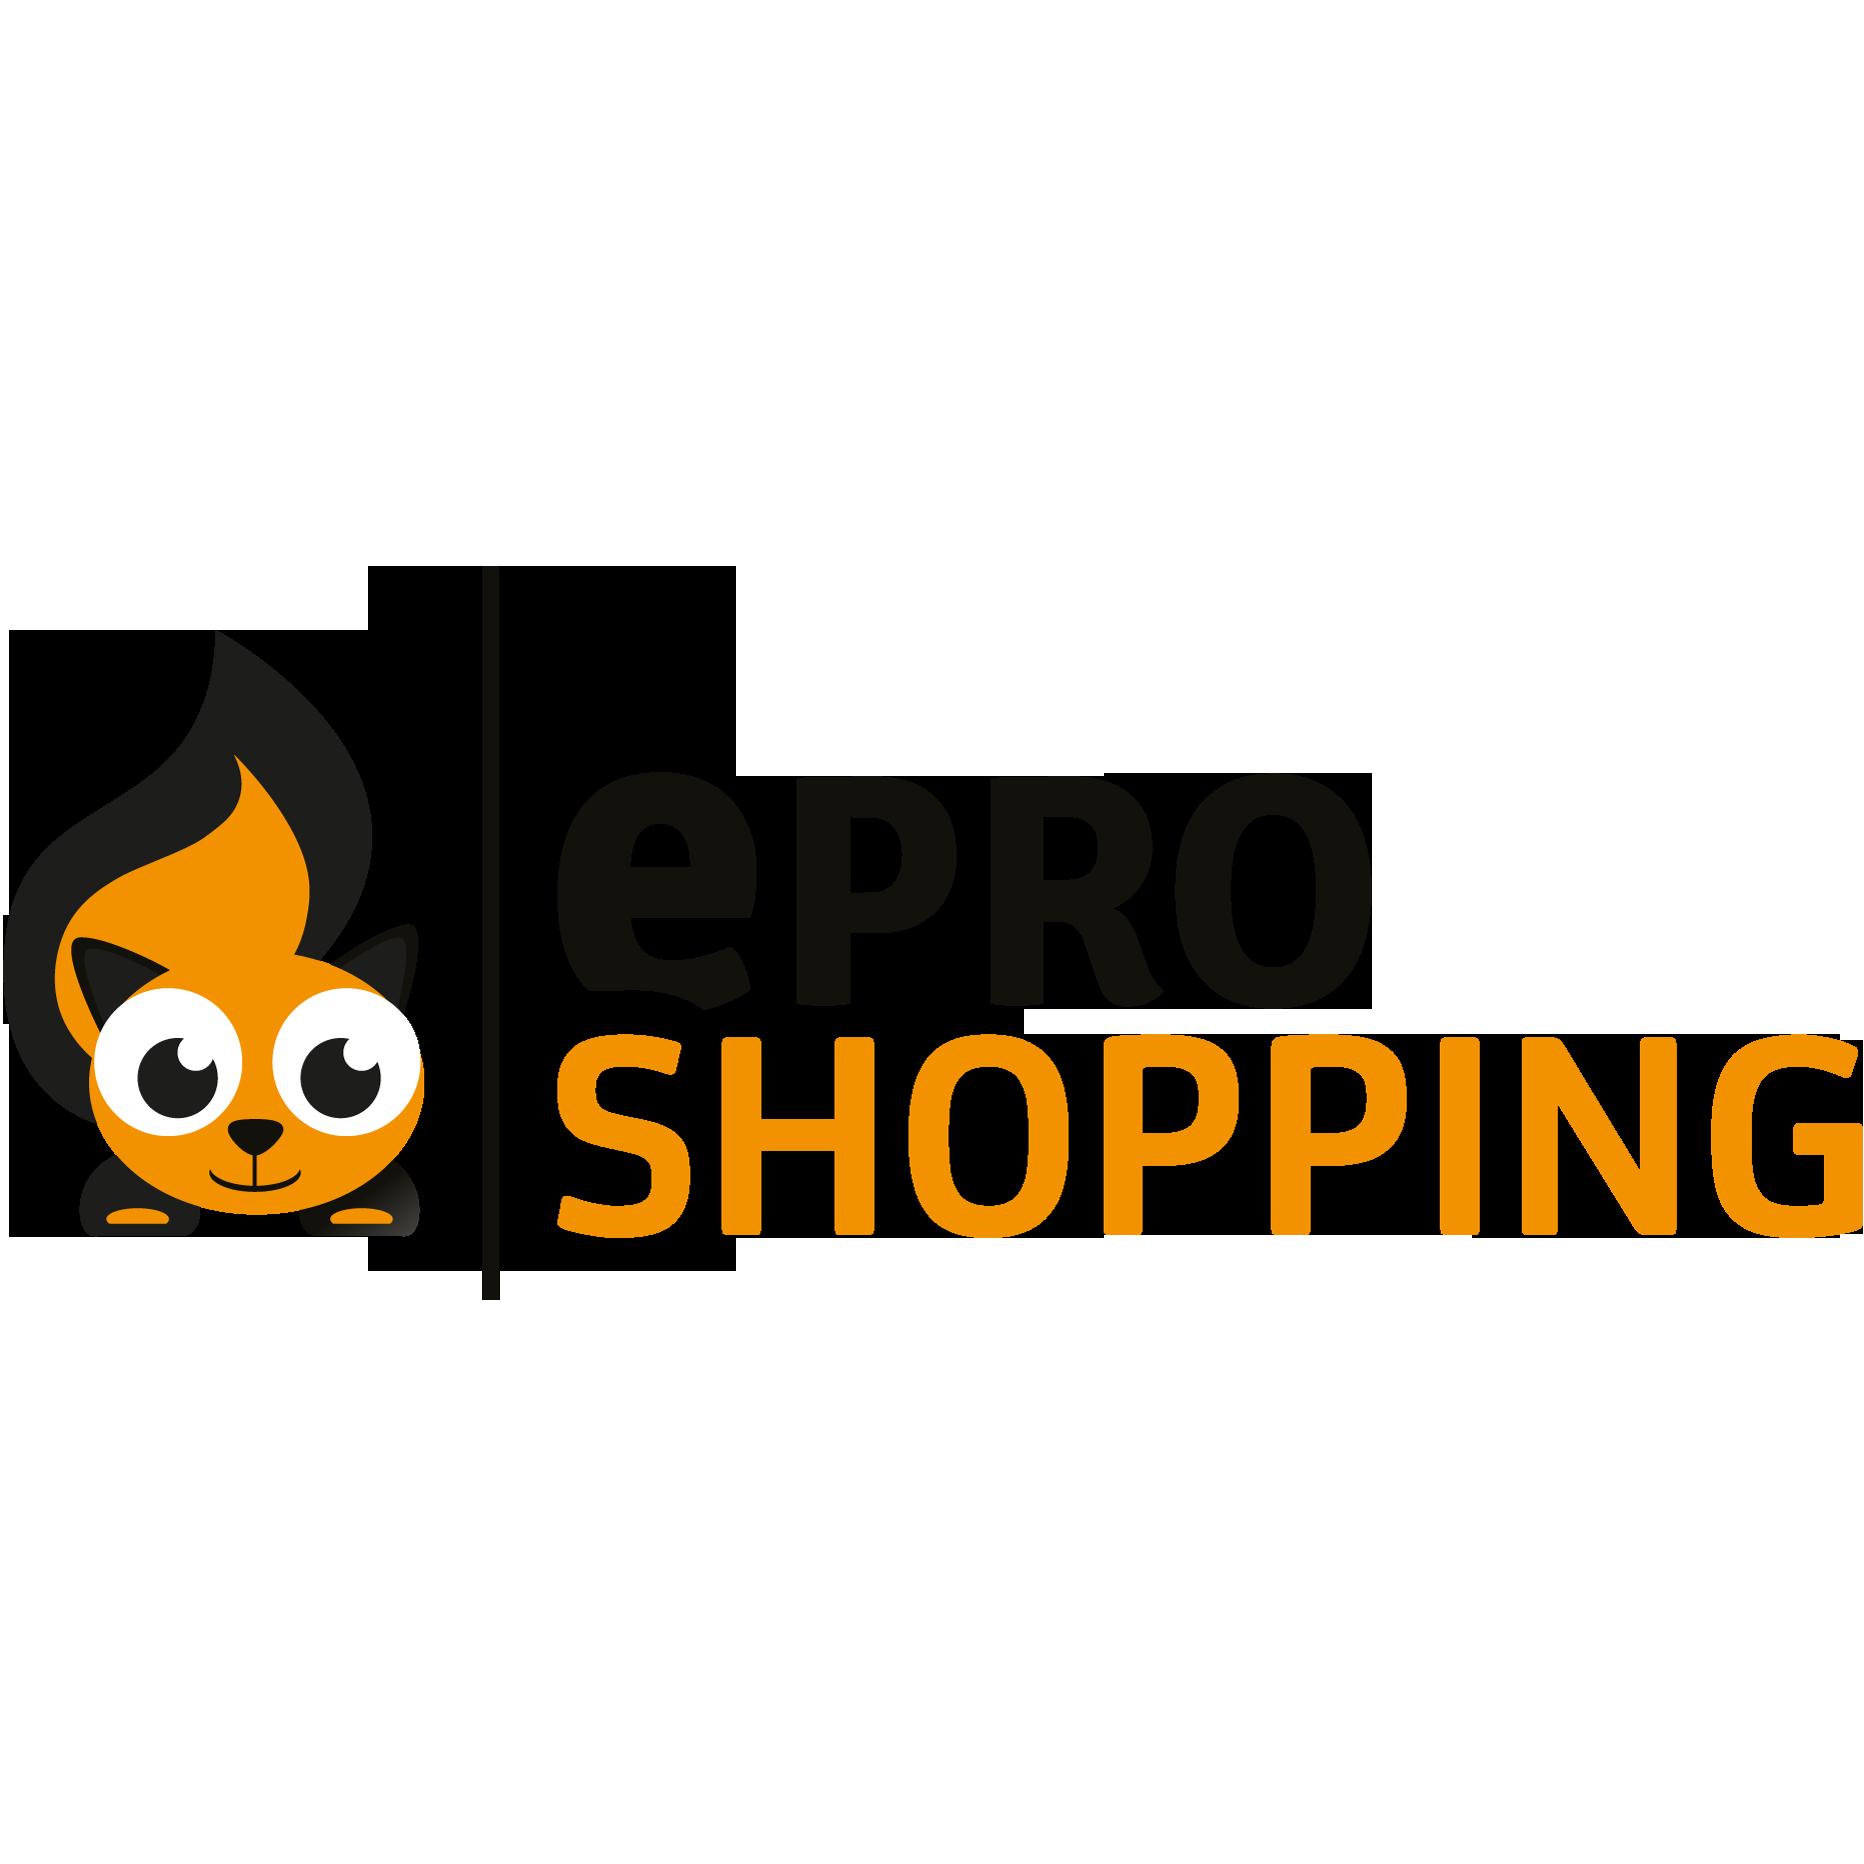 ePro Shopping logo